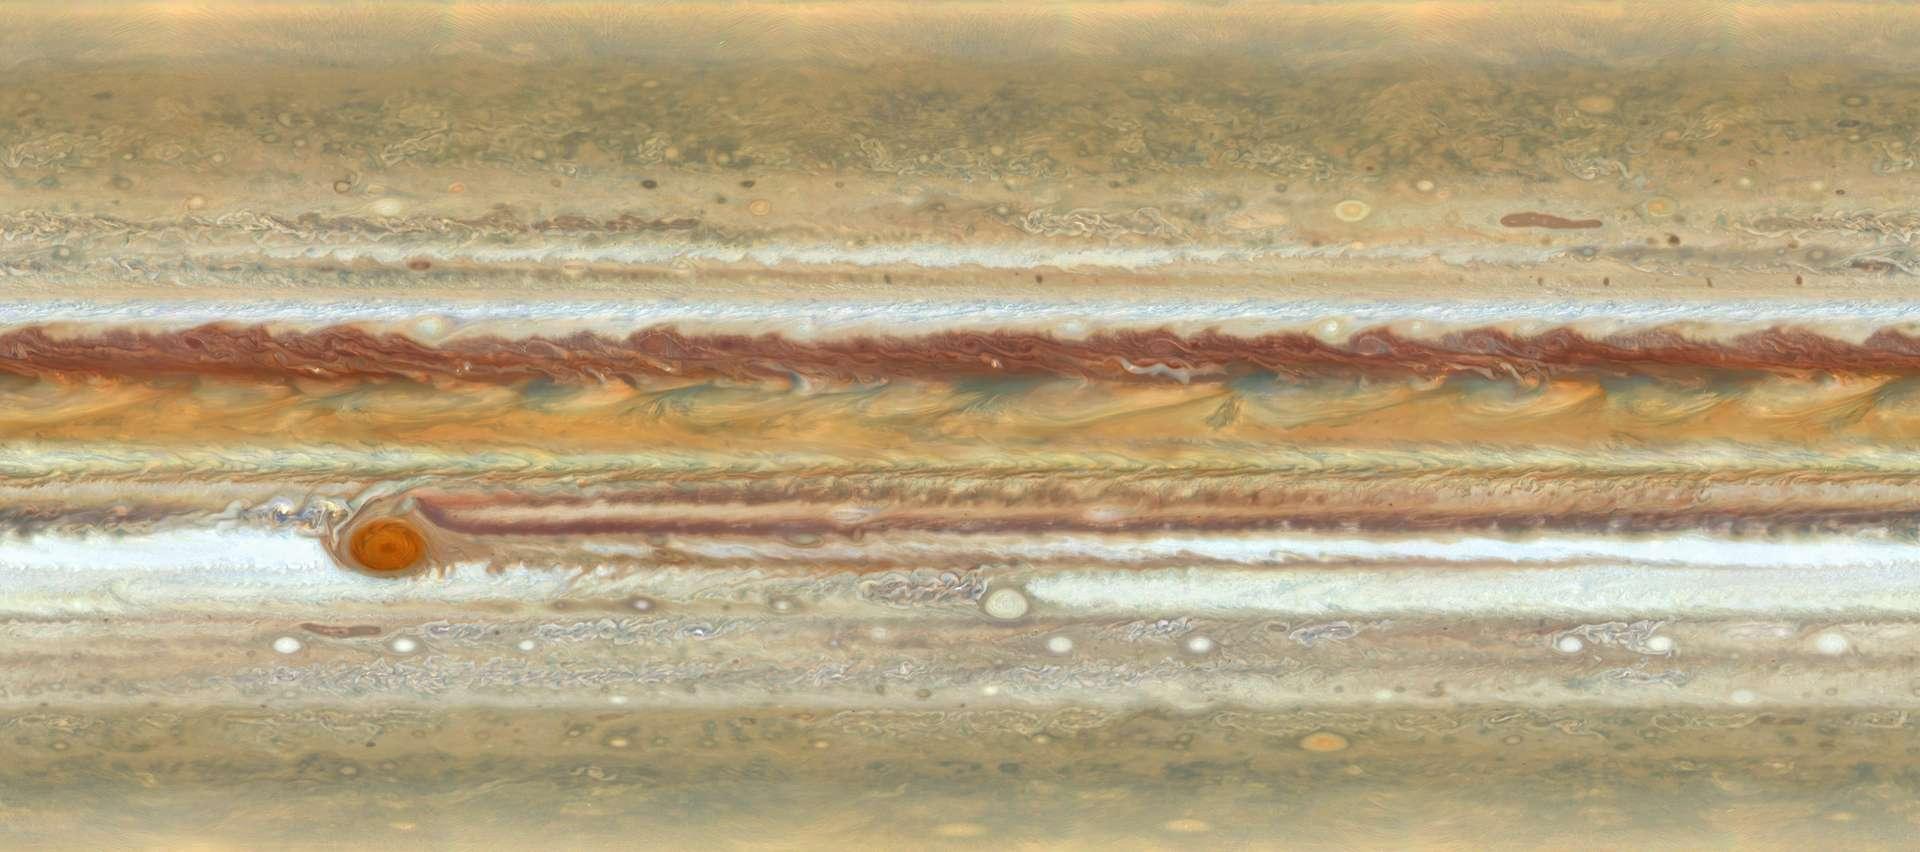 Chaque année, Hubble observe Jupiter et les autres planètes extérieures de notre Système solaire pour permettre aux astronomes de mieux comprendre les mécanismes en jeu dans les atmosphères des planètes géantes. © Nasa, ESA, A. Simon (Goddard Space Flight Center), and M.H. Wong (University of California, Berkeley)